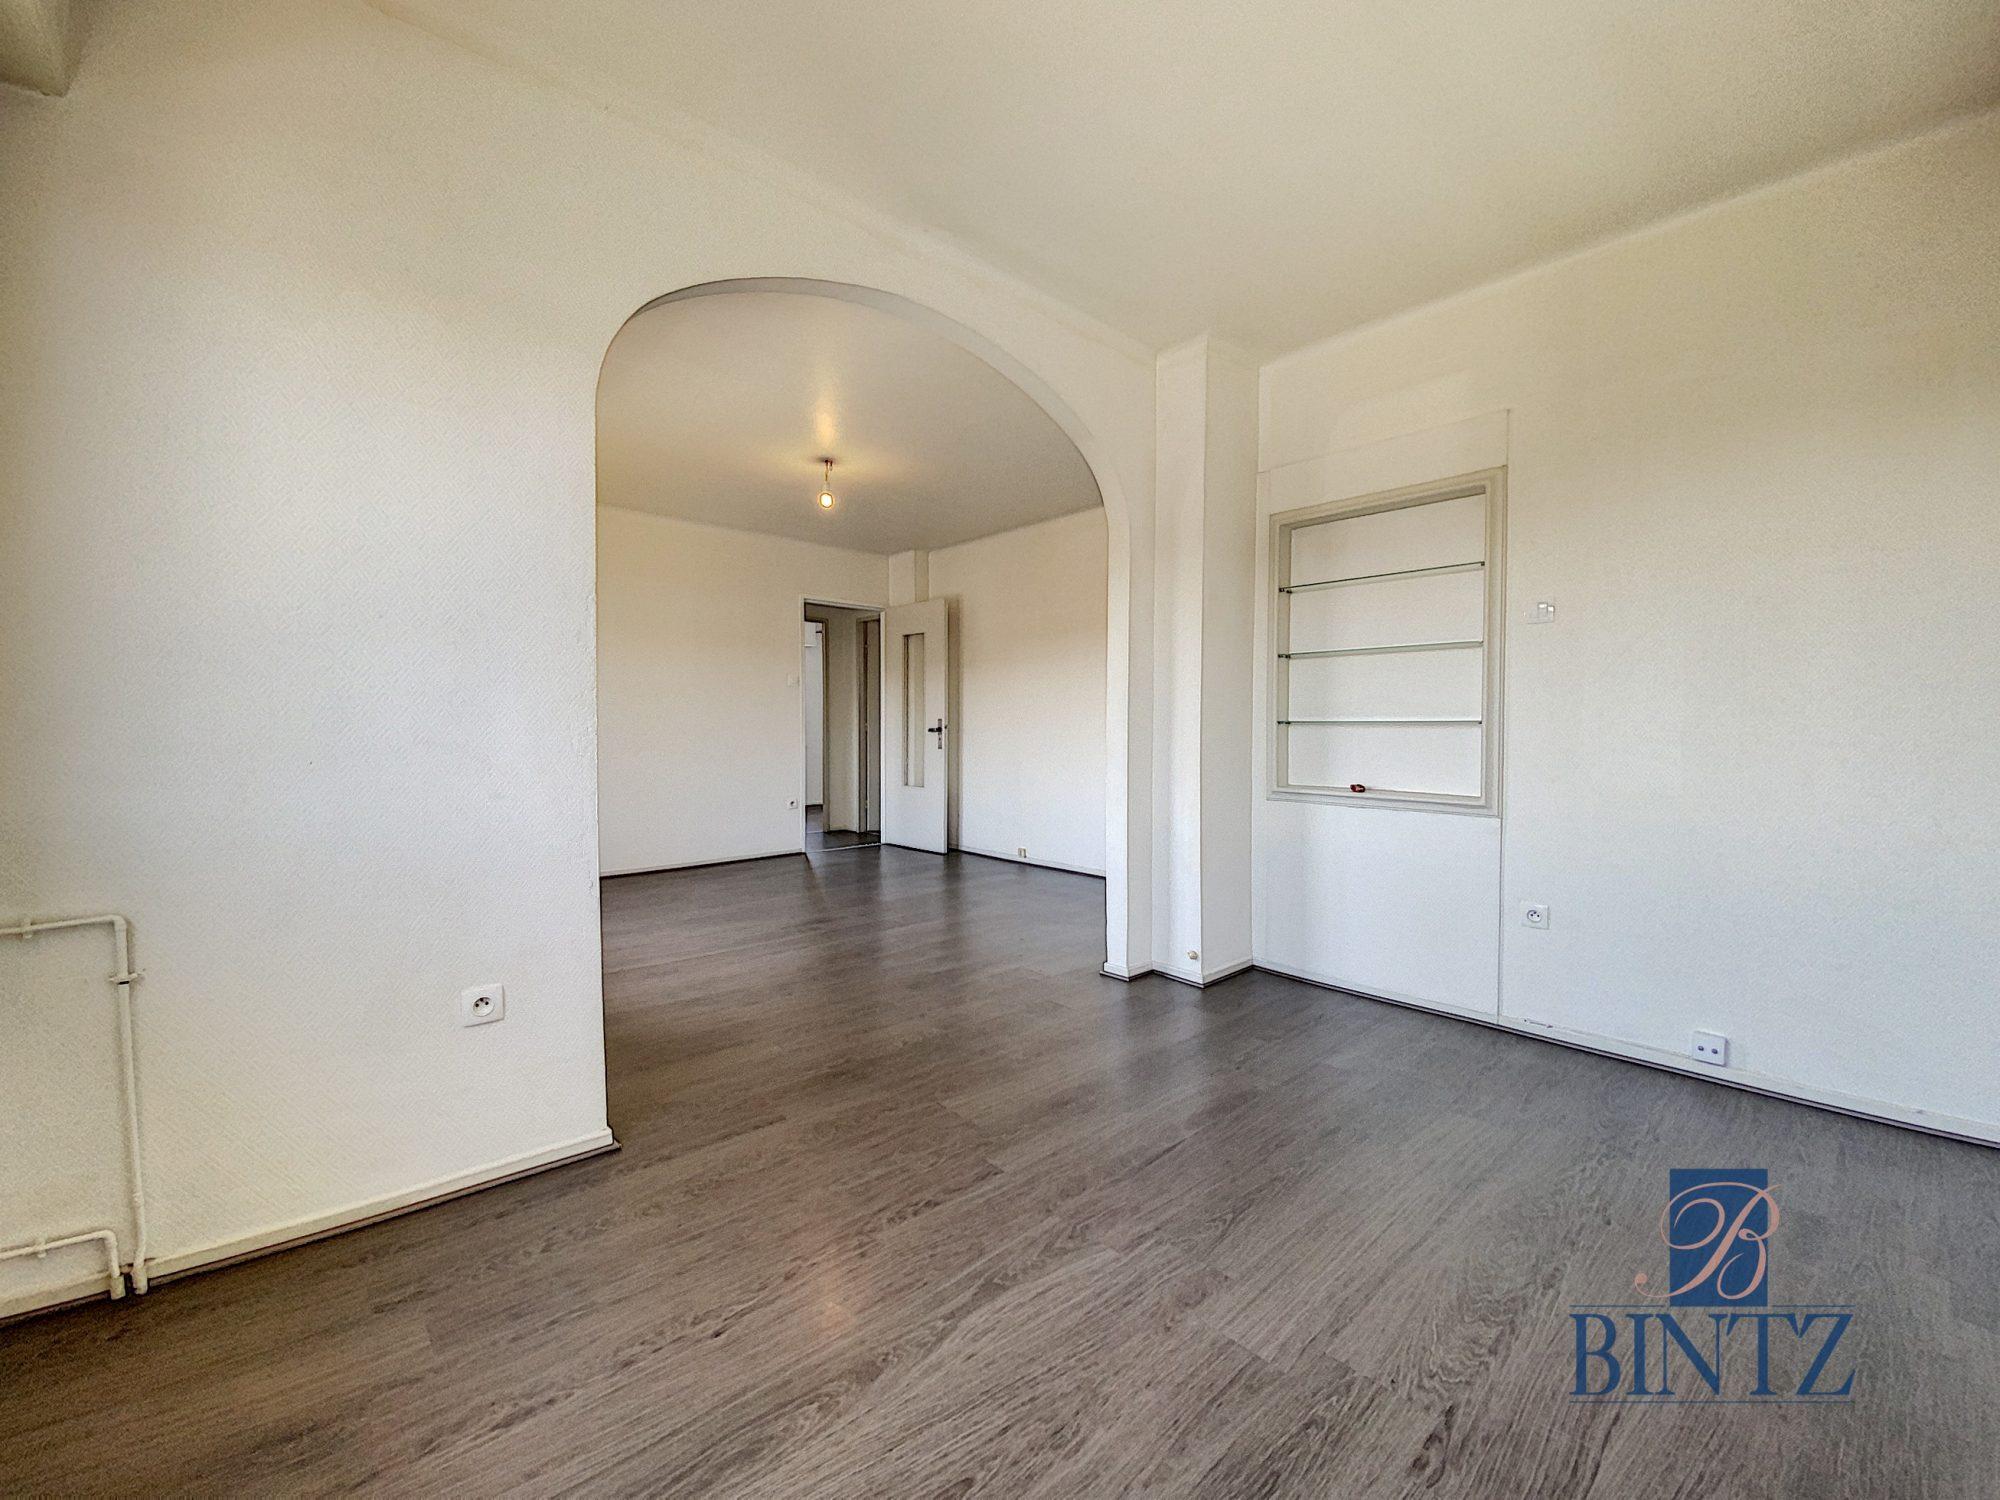 3P MONTAGNE VERTE - Devenez locataire en toute sérénité - Bintz Immobilier - 2